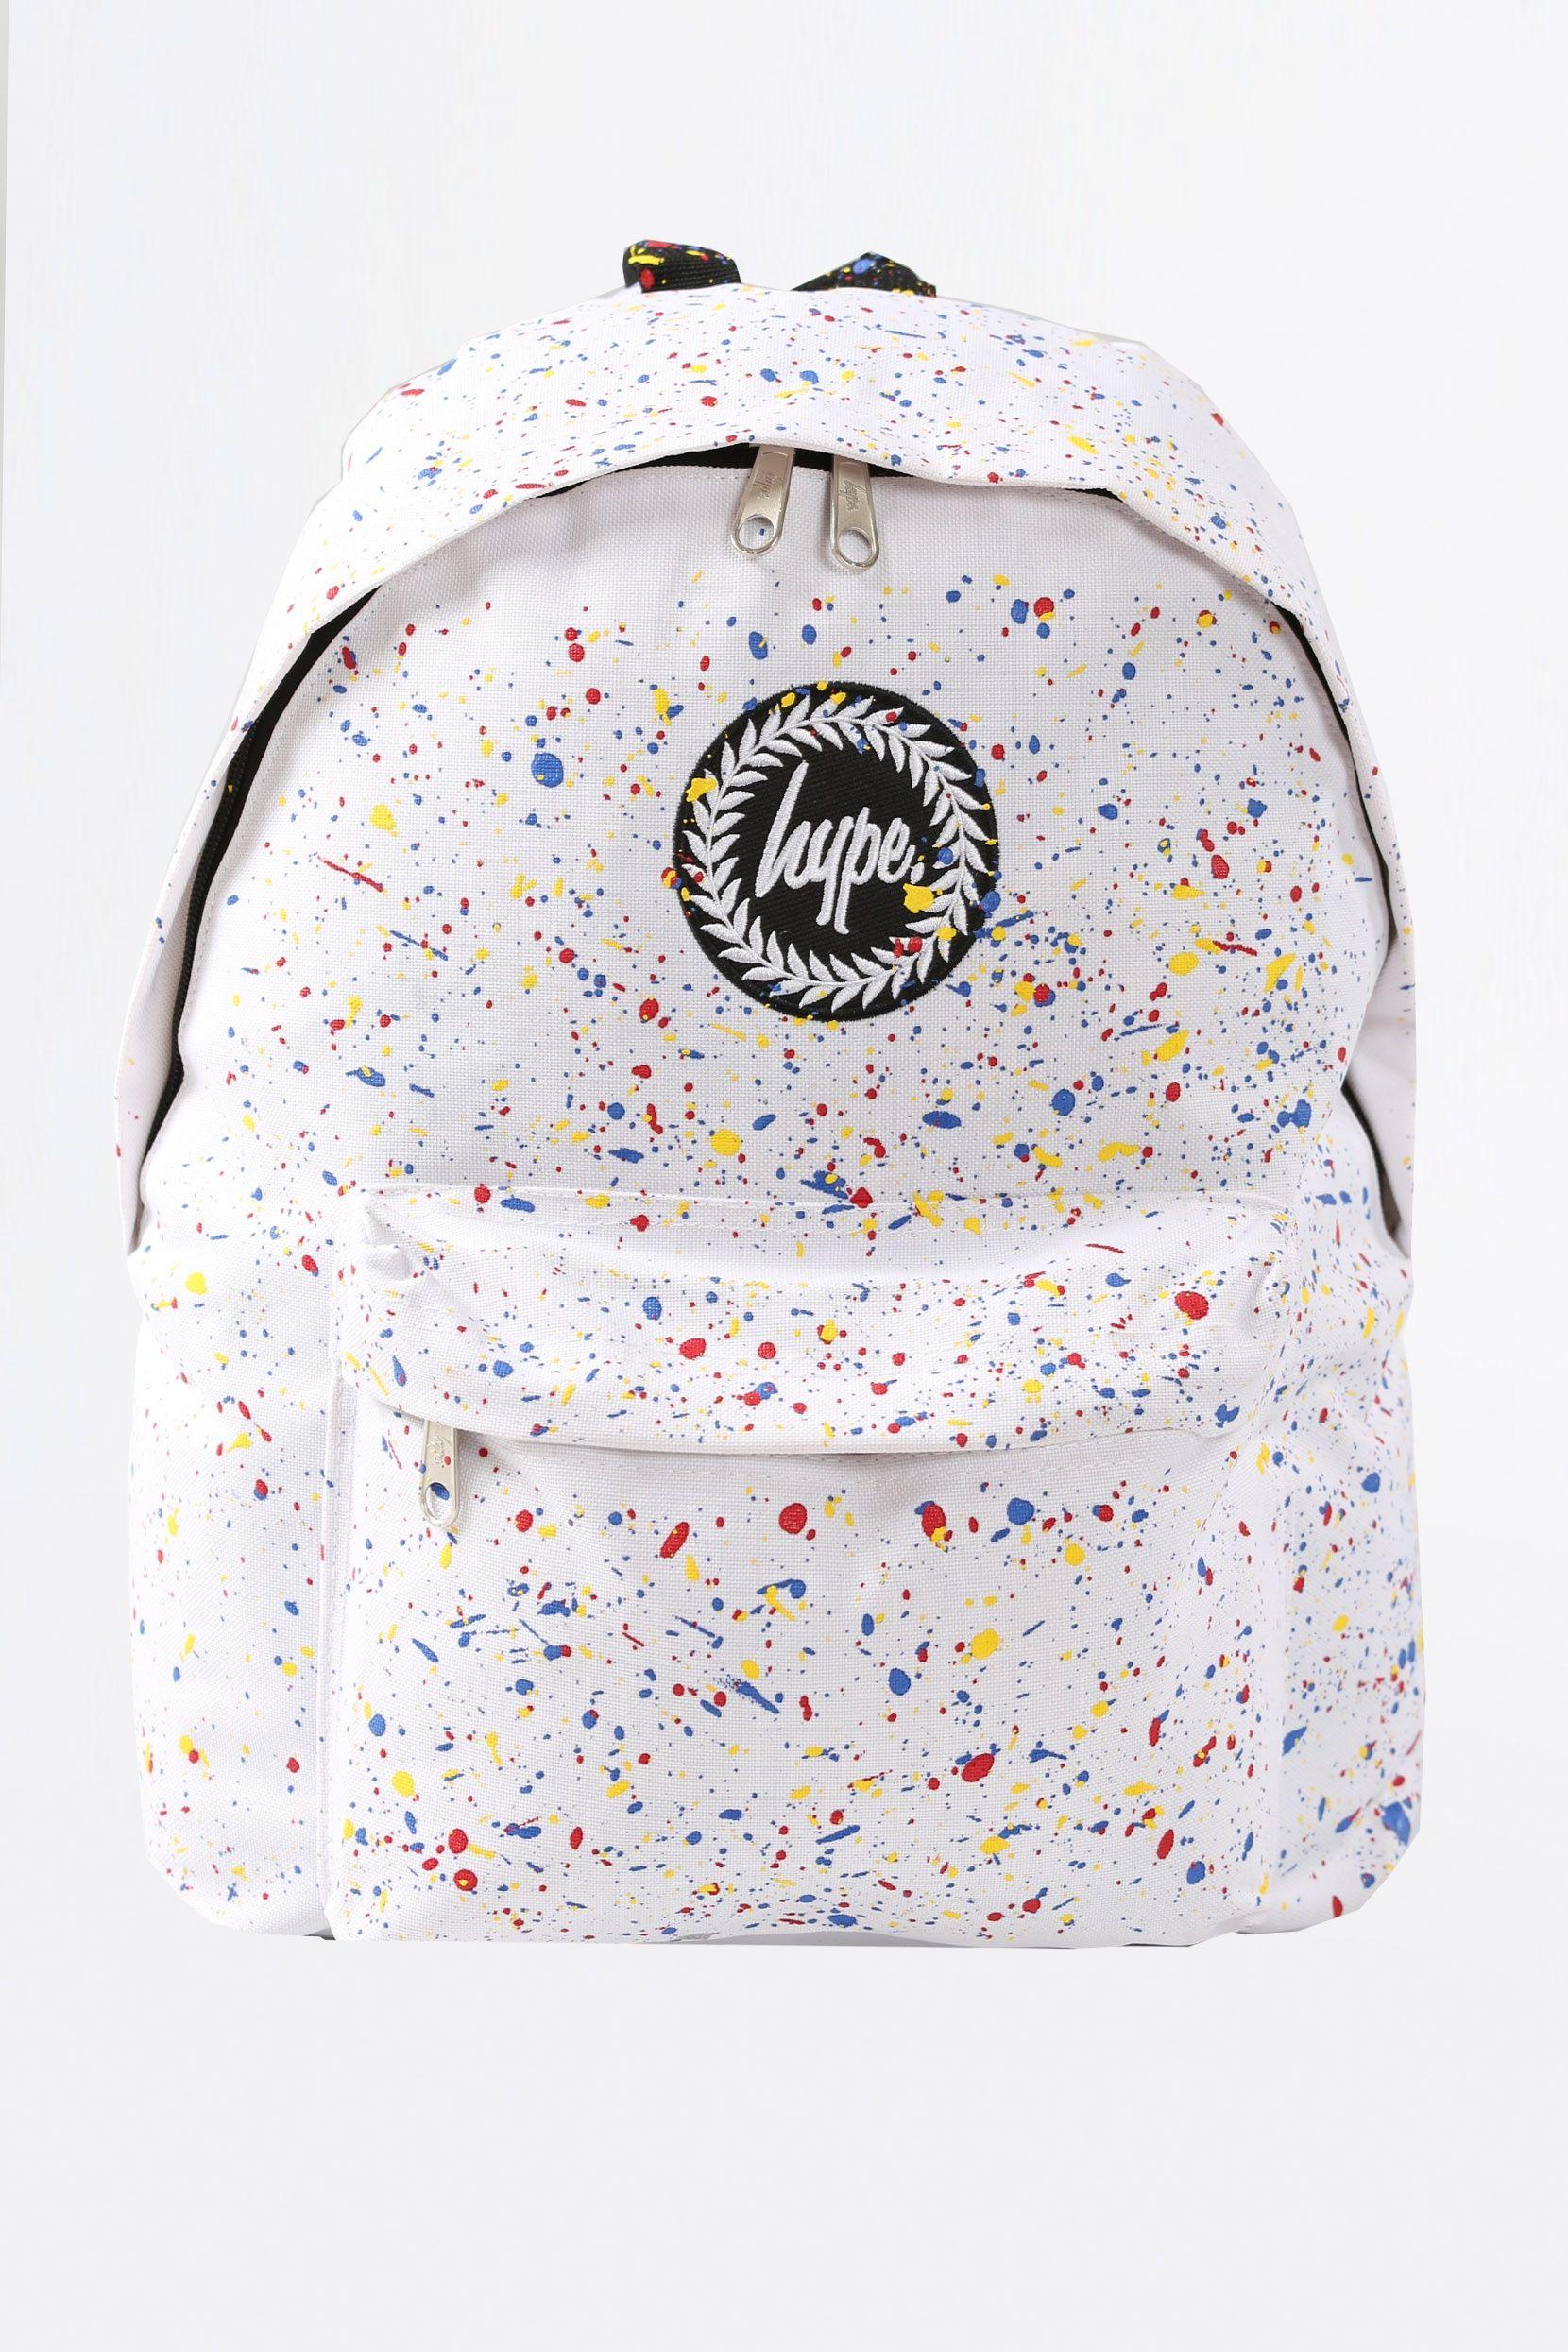 HYPE WHITE PRIMARY SPLAT BACKPACK - HYPE®   Backpacks   Pinterest ... 64dda638dd